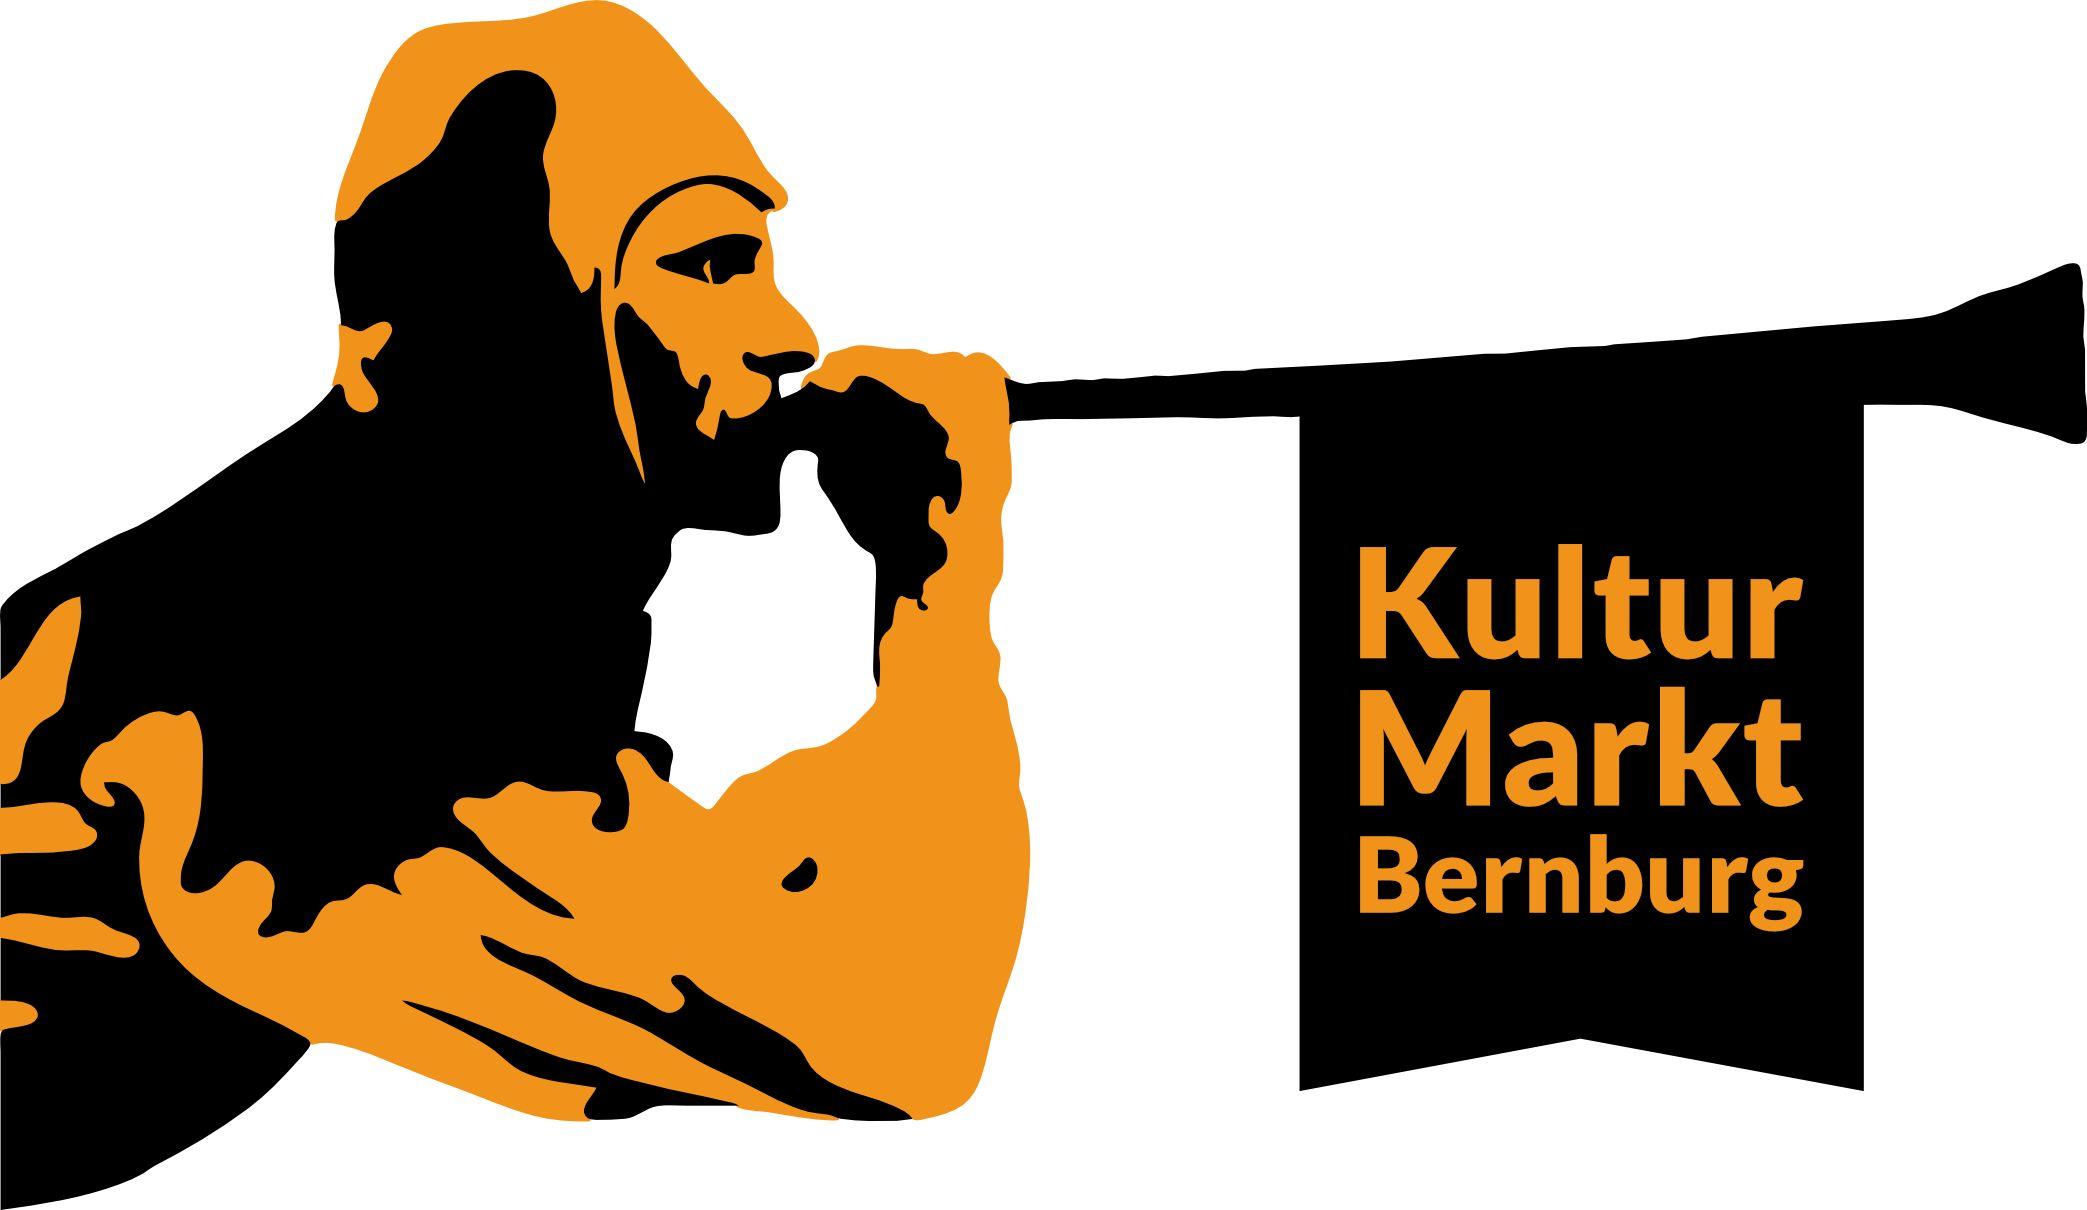 10. Kulturmarkt Bernburg 2021